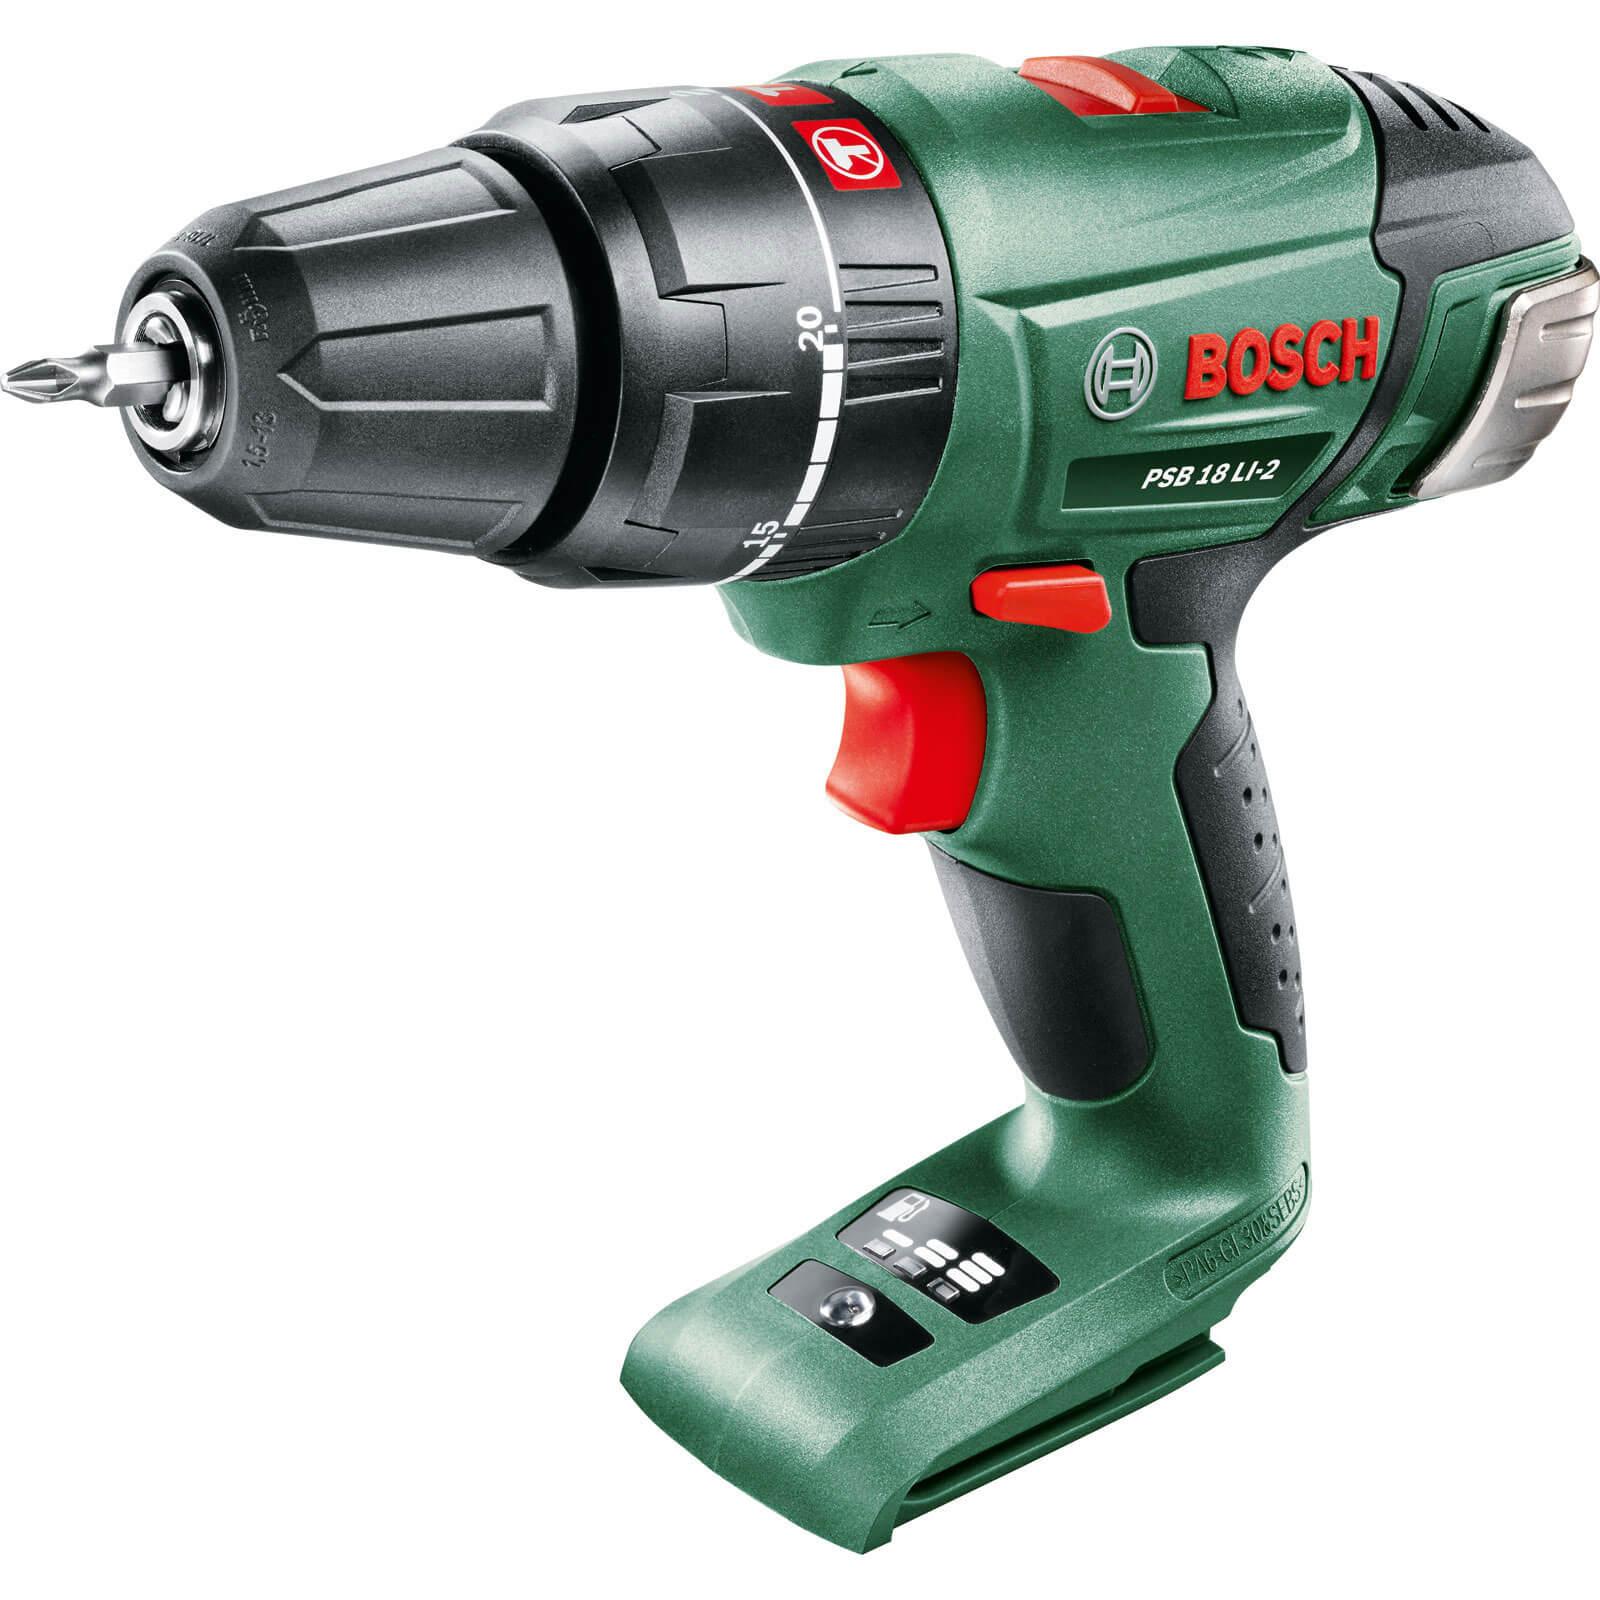 Bosch PSB 18 LI2 18v Cordless Combi Drill No Batteries No Charger No Case